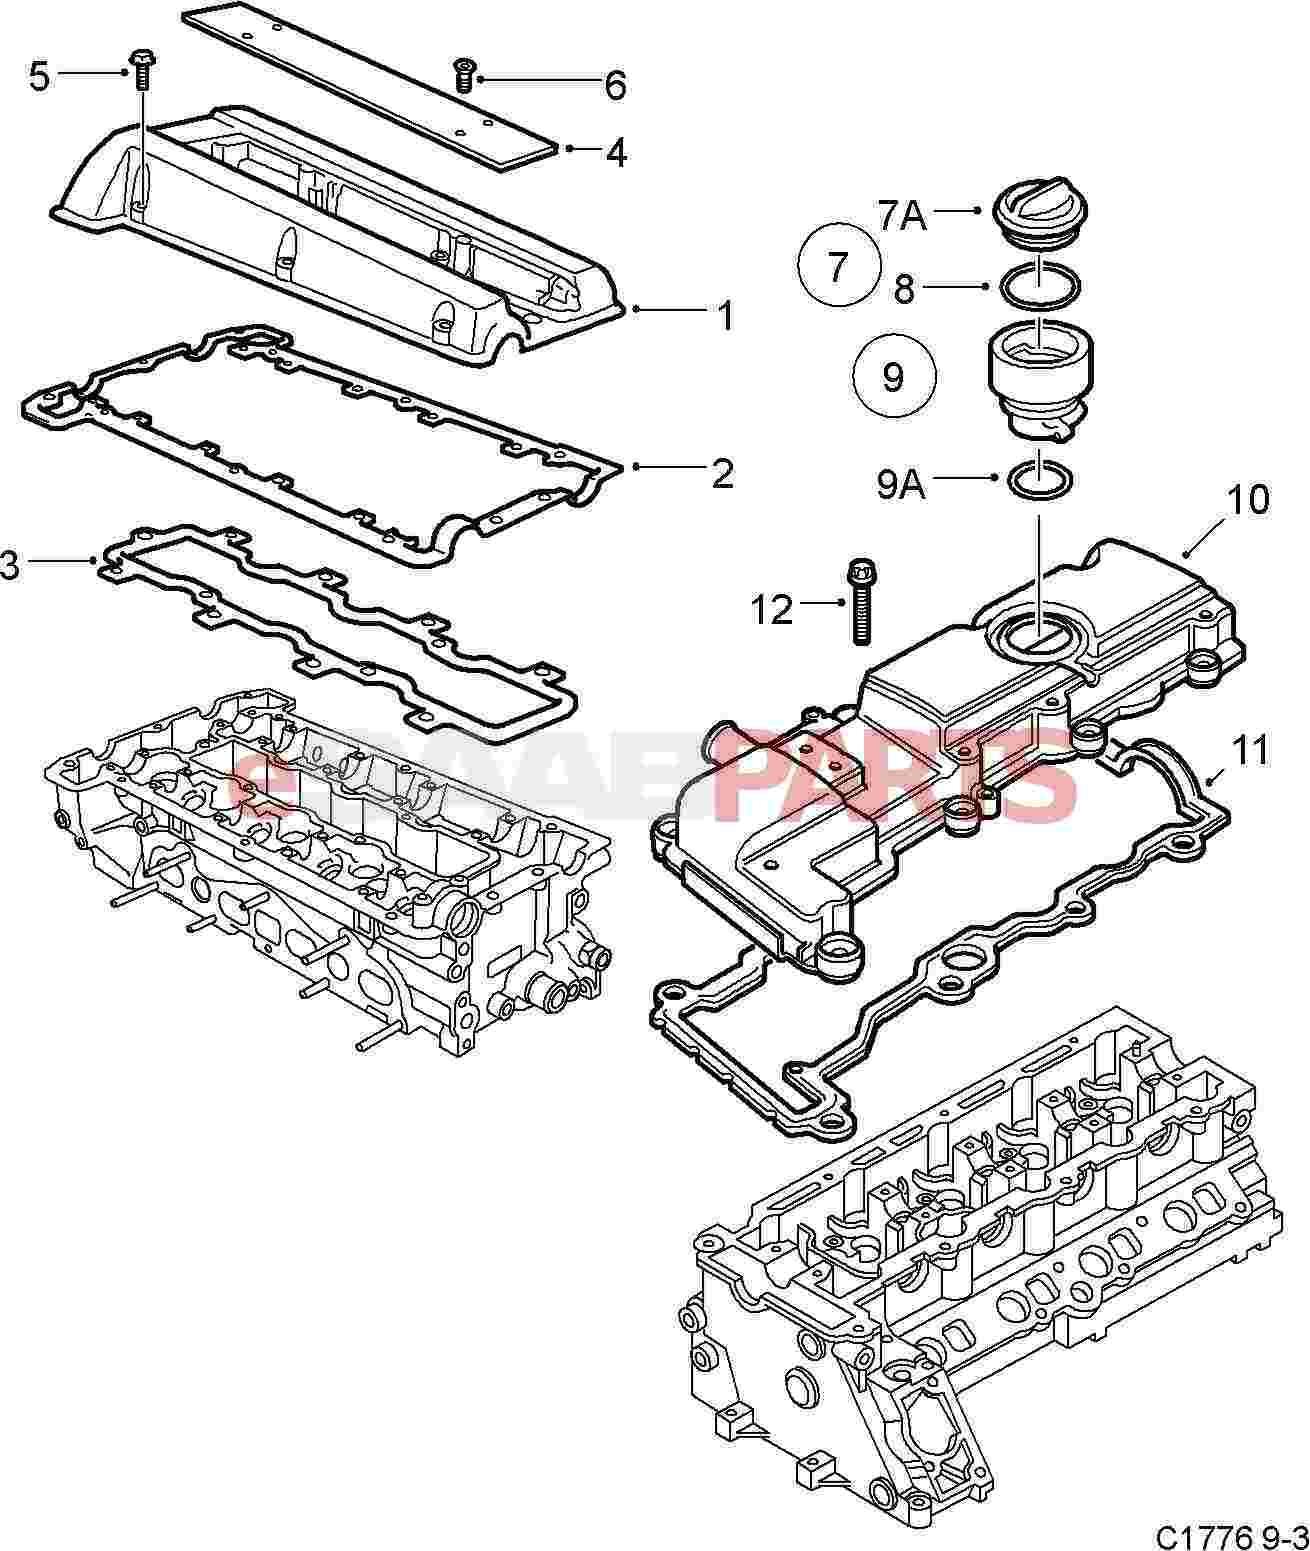 Saab Valve Cover Gasket Kit